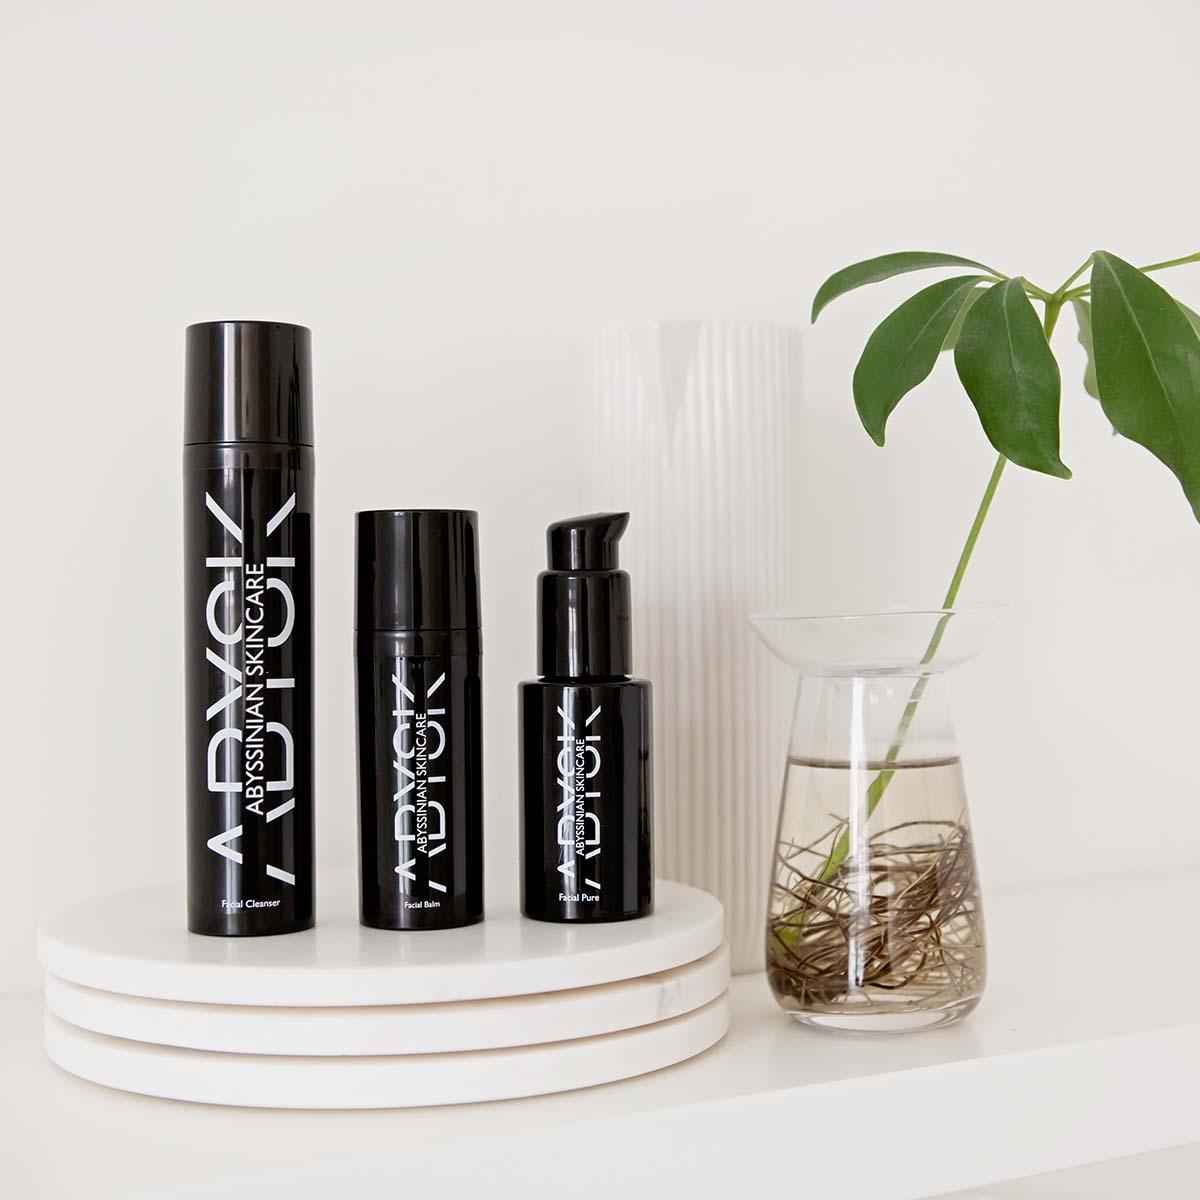 Natuurlijke huidverzorginsproducten